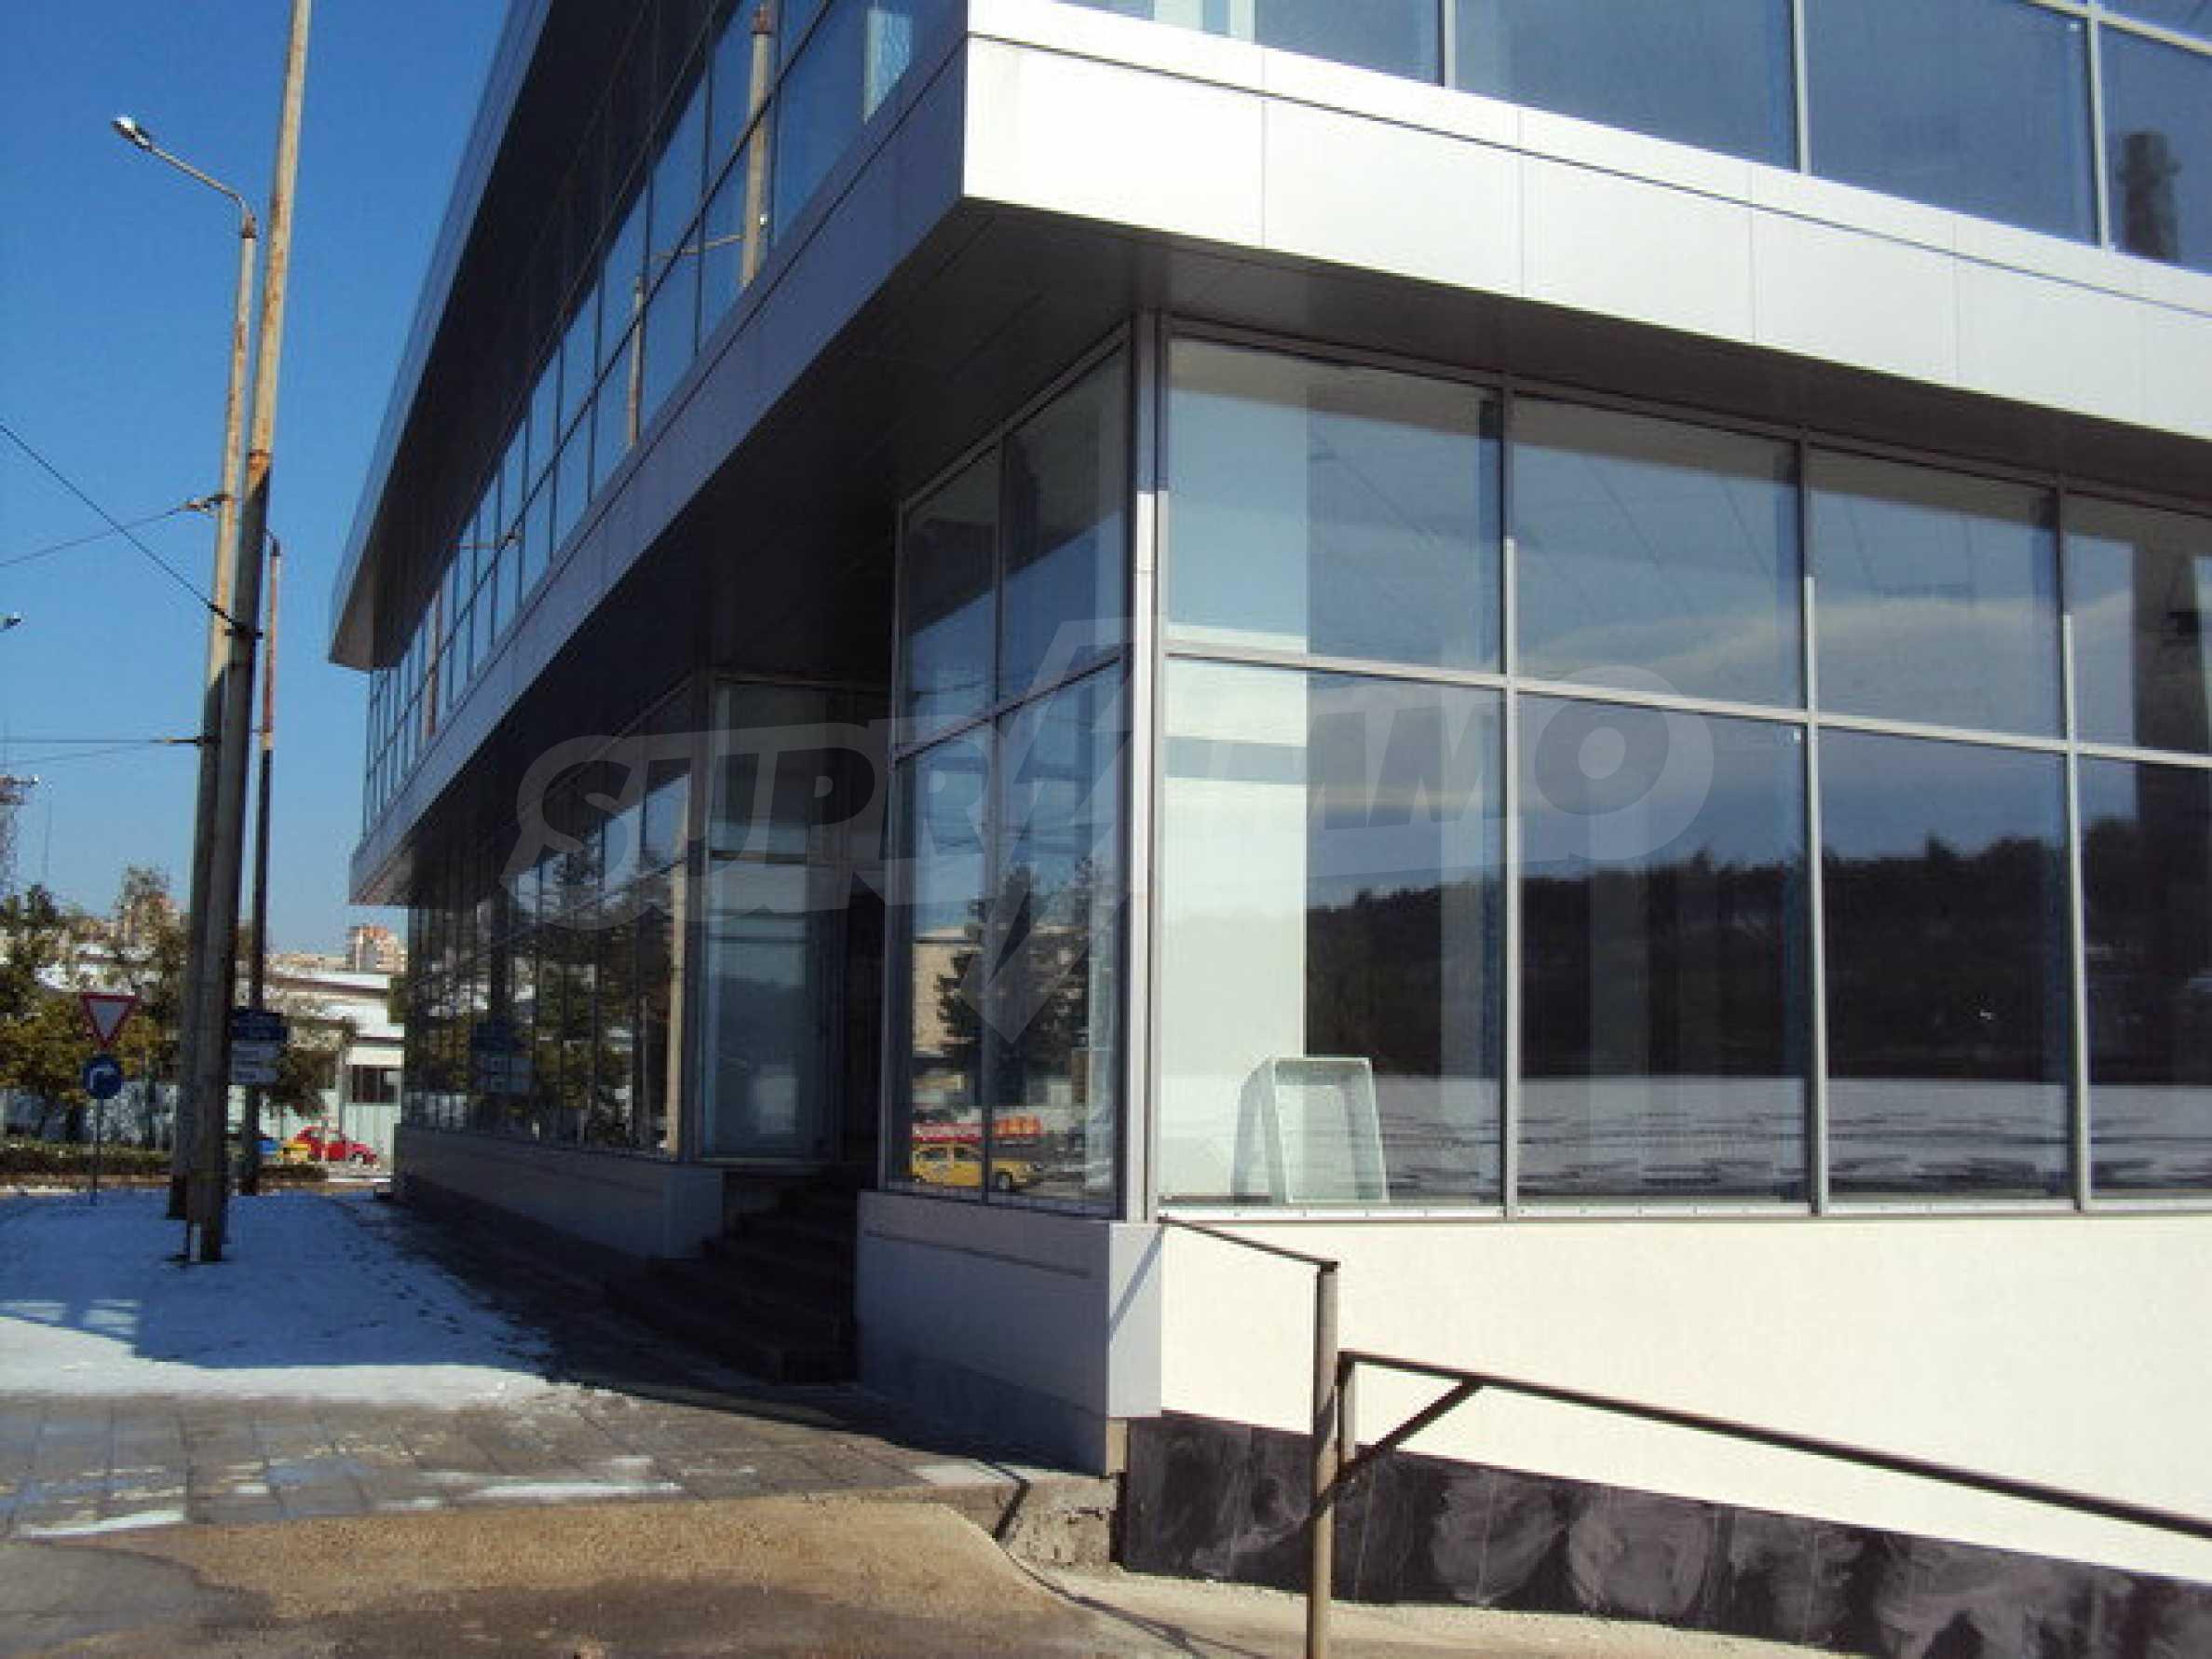 Komplex mit Geschäften, Lagern und Büros 16